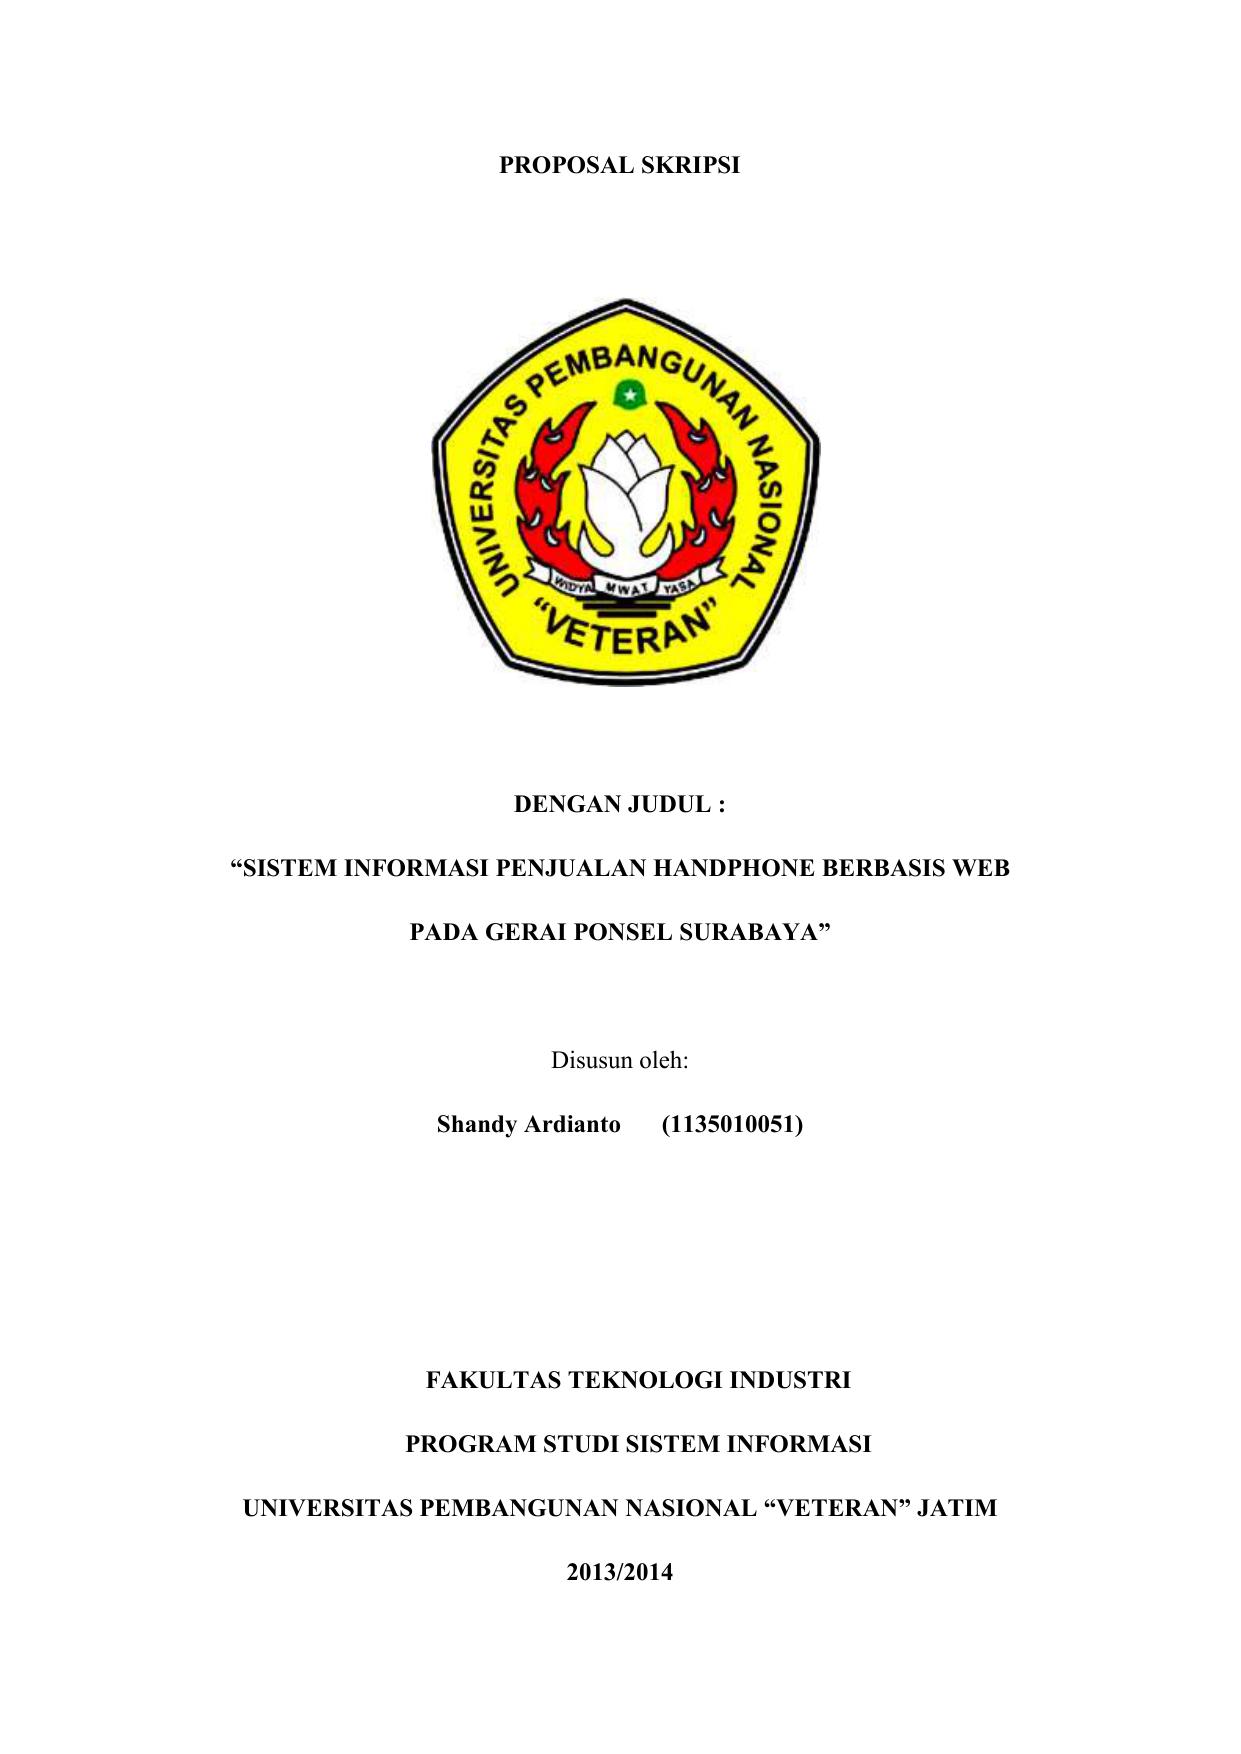 Proposal Skripsi Dengan Judul Sistem Informasi